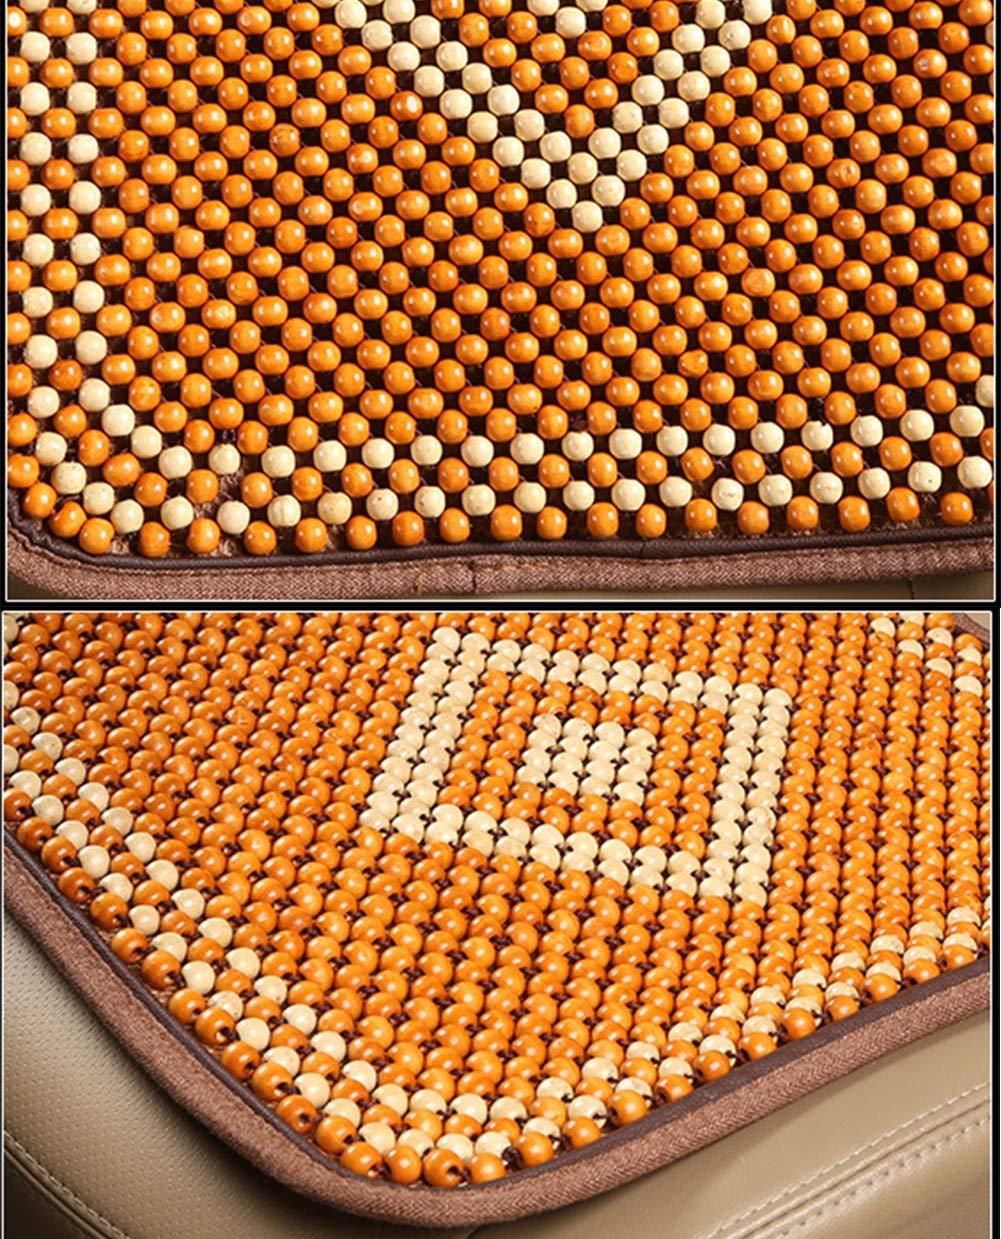 45CM Mgcdd-Car Seat Cushion Komfortabel und Atmungsaktiv Vier Jahreszeiten Atmungsaktiv Auto-Innenausstattung Sitzkissenbezug pad Matte f/ür Auto Auto Supplies 42CM